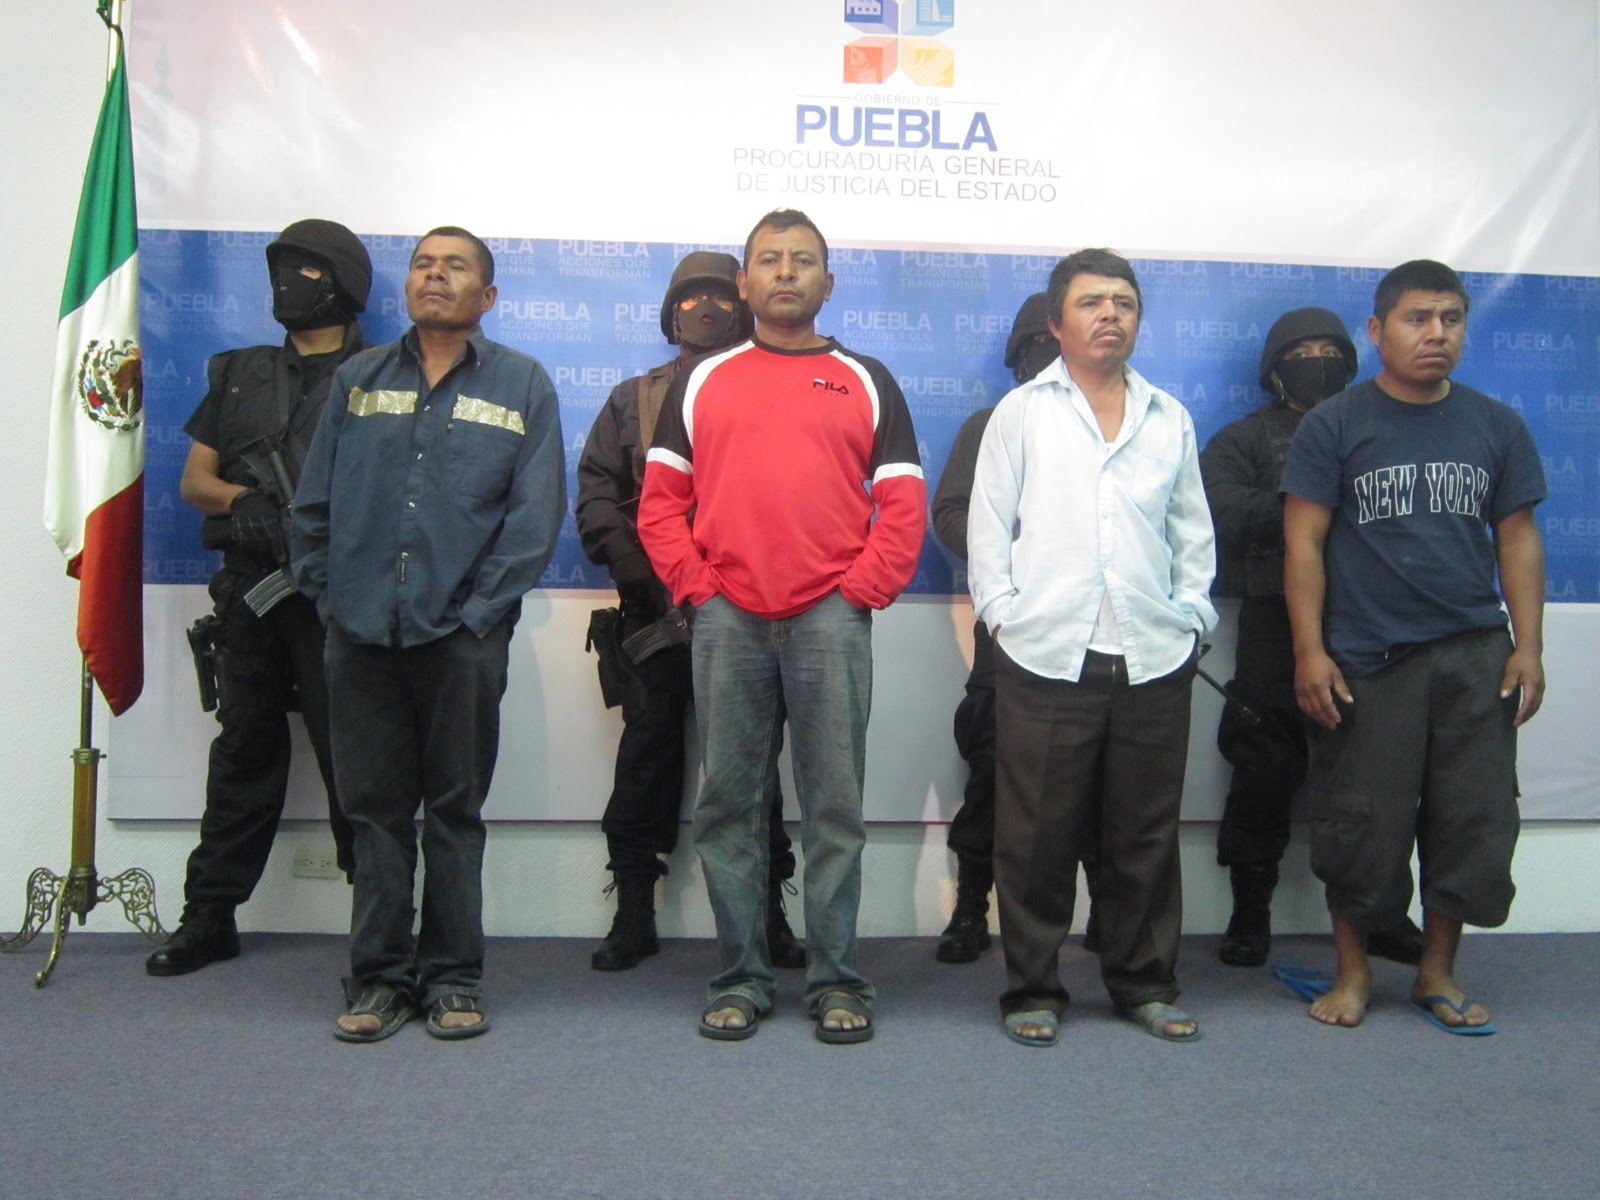 Fiscalía General del Estado de Puebla  Rescata DGADAI ilesa a ... 4b9a040fbb348